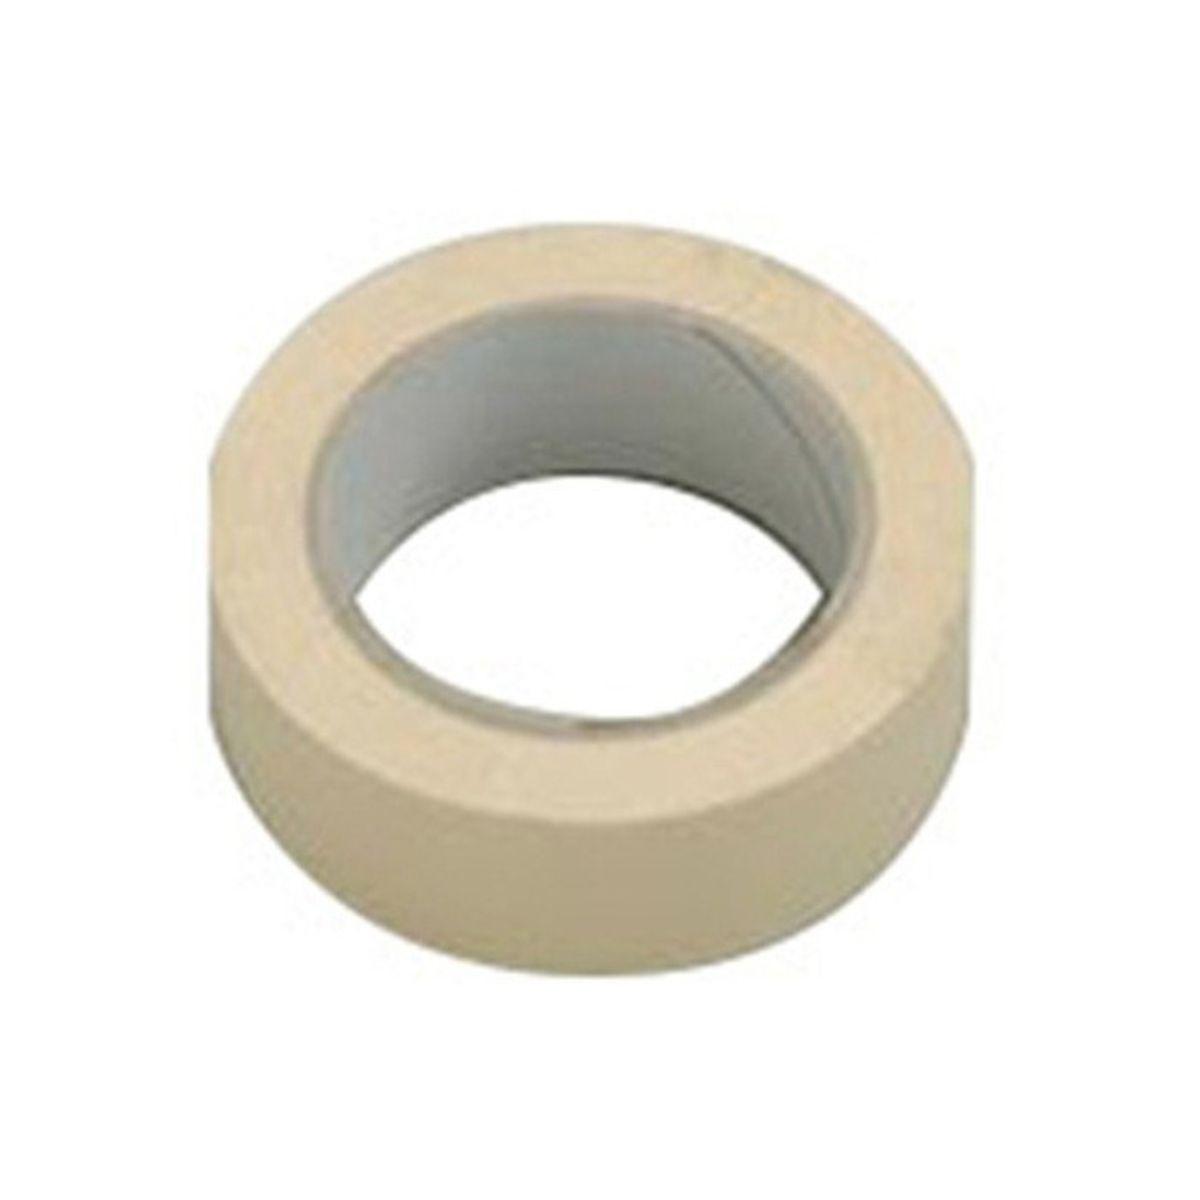 Papier masquage lisse - 38x50mm